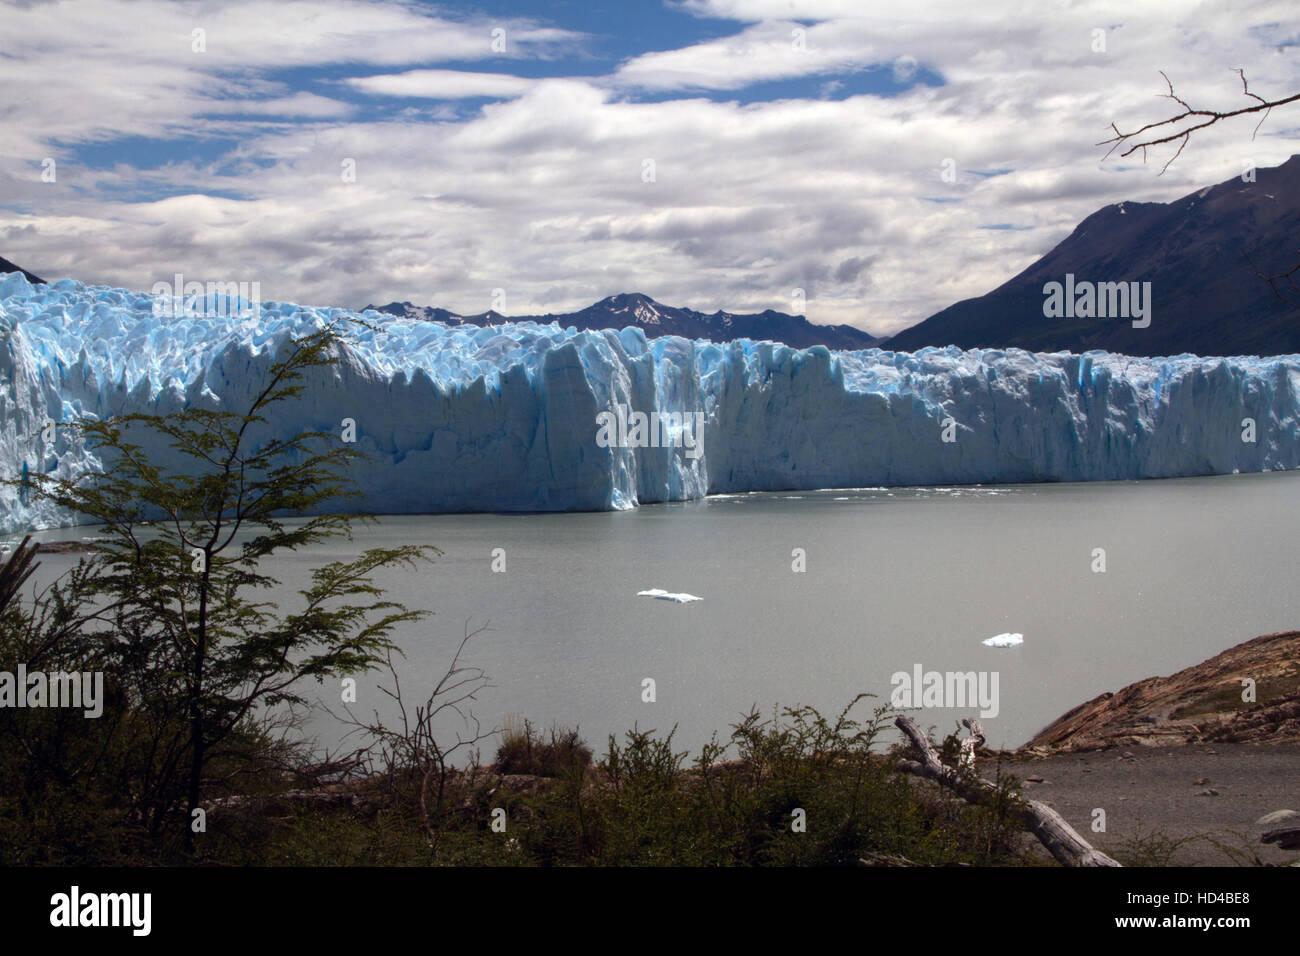 EL CALAFATE, ARG, 06.12.2016: Argentinian Perito Moreno Glacier located in the Los Glaciares National Park in southwest - Stock Image